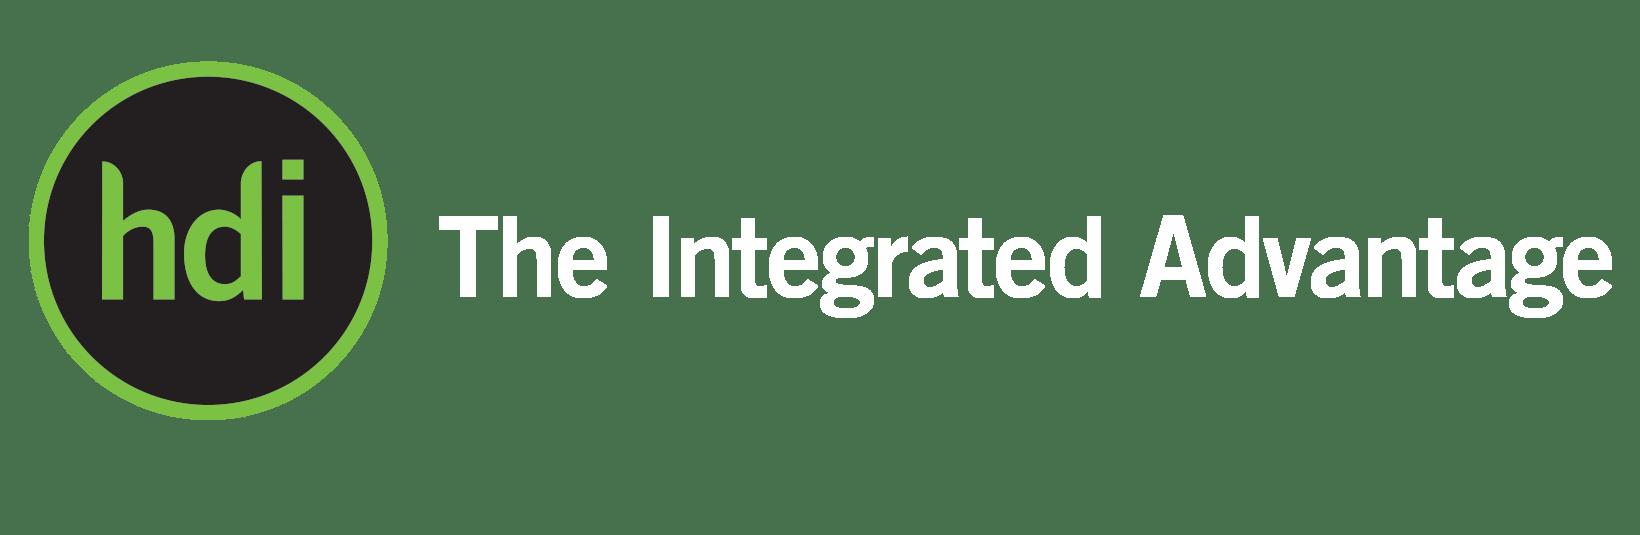 HDI log and slogan